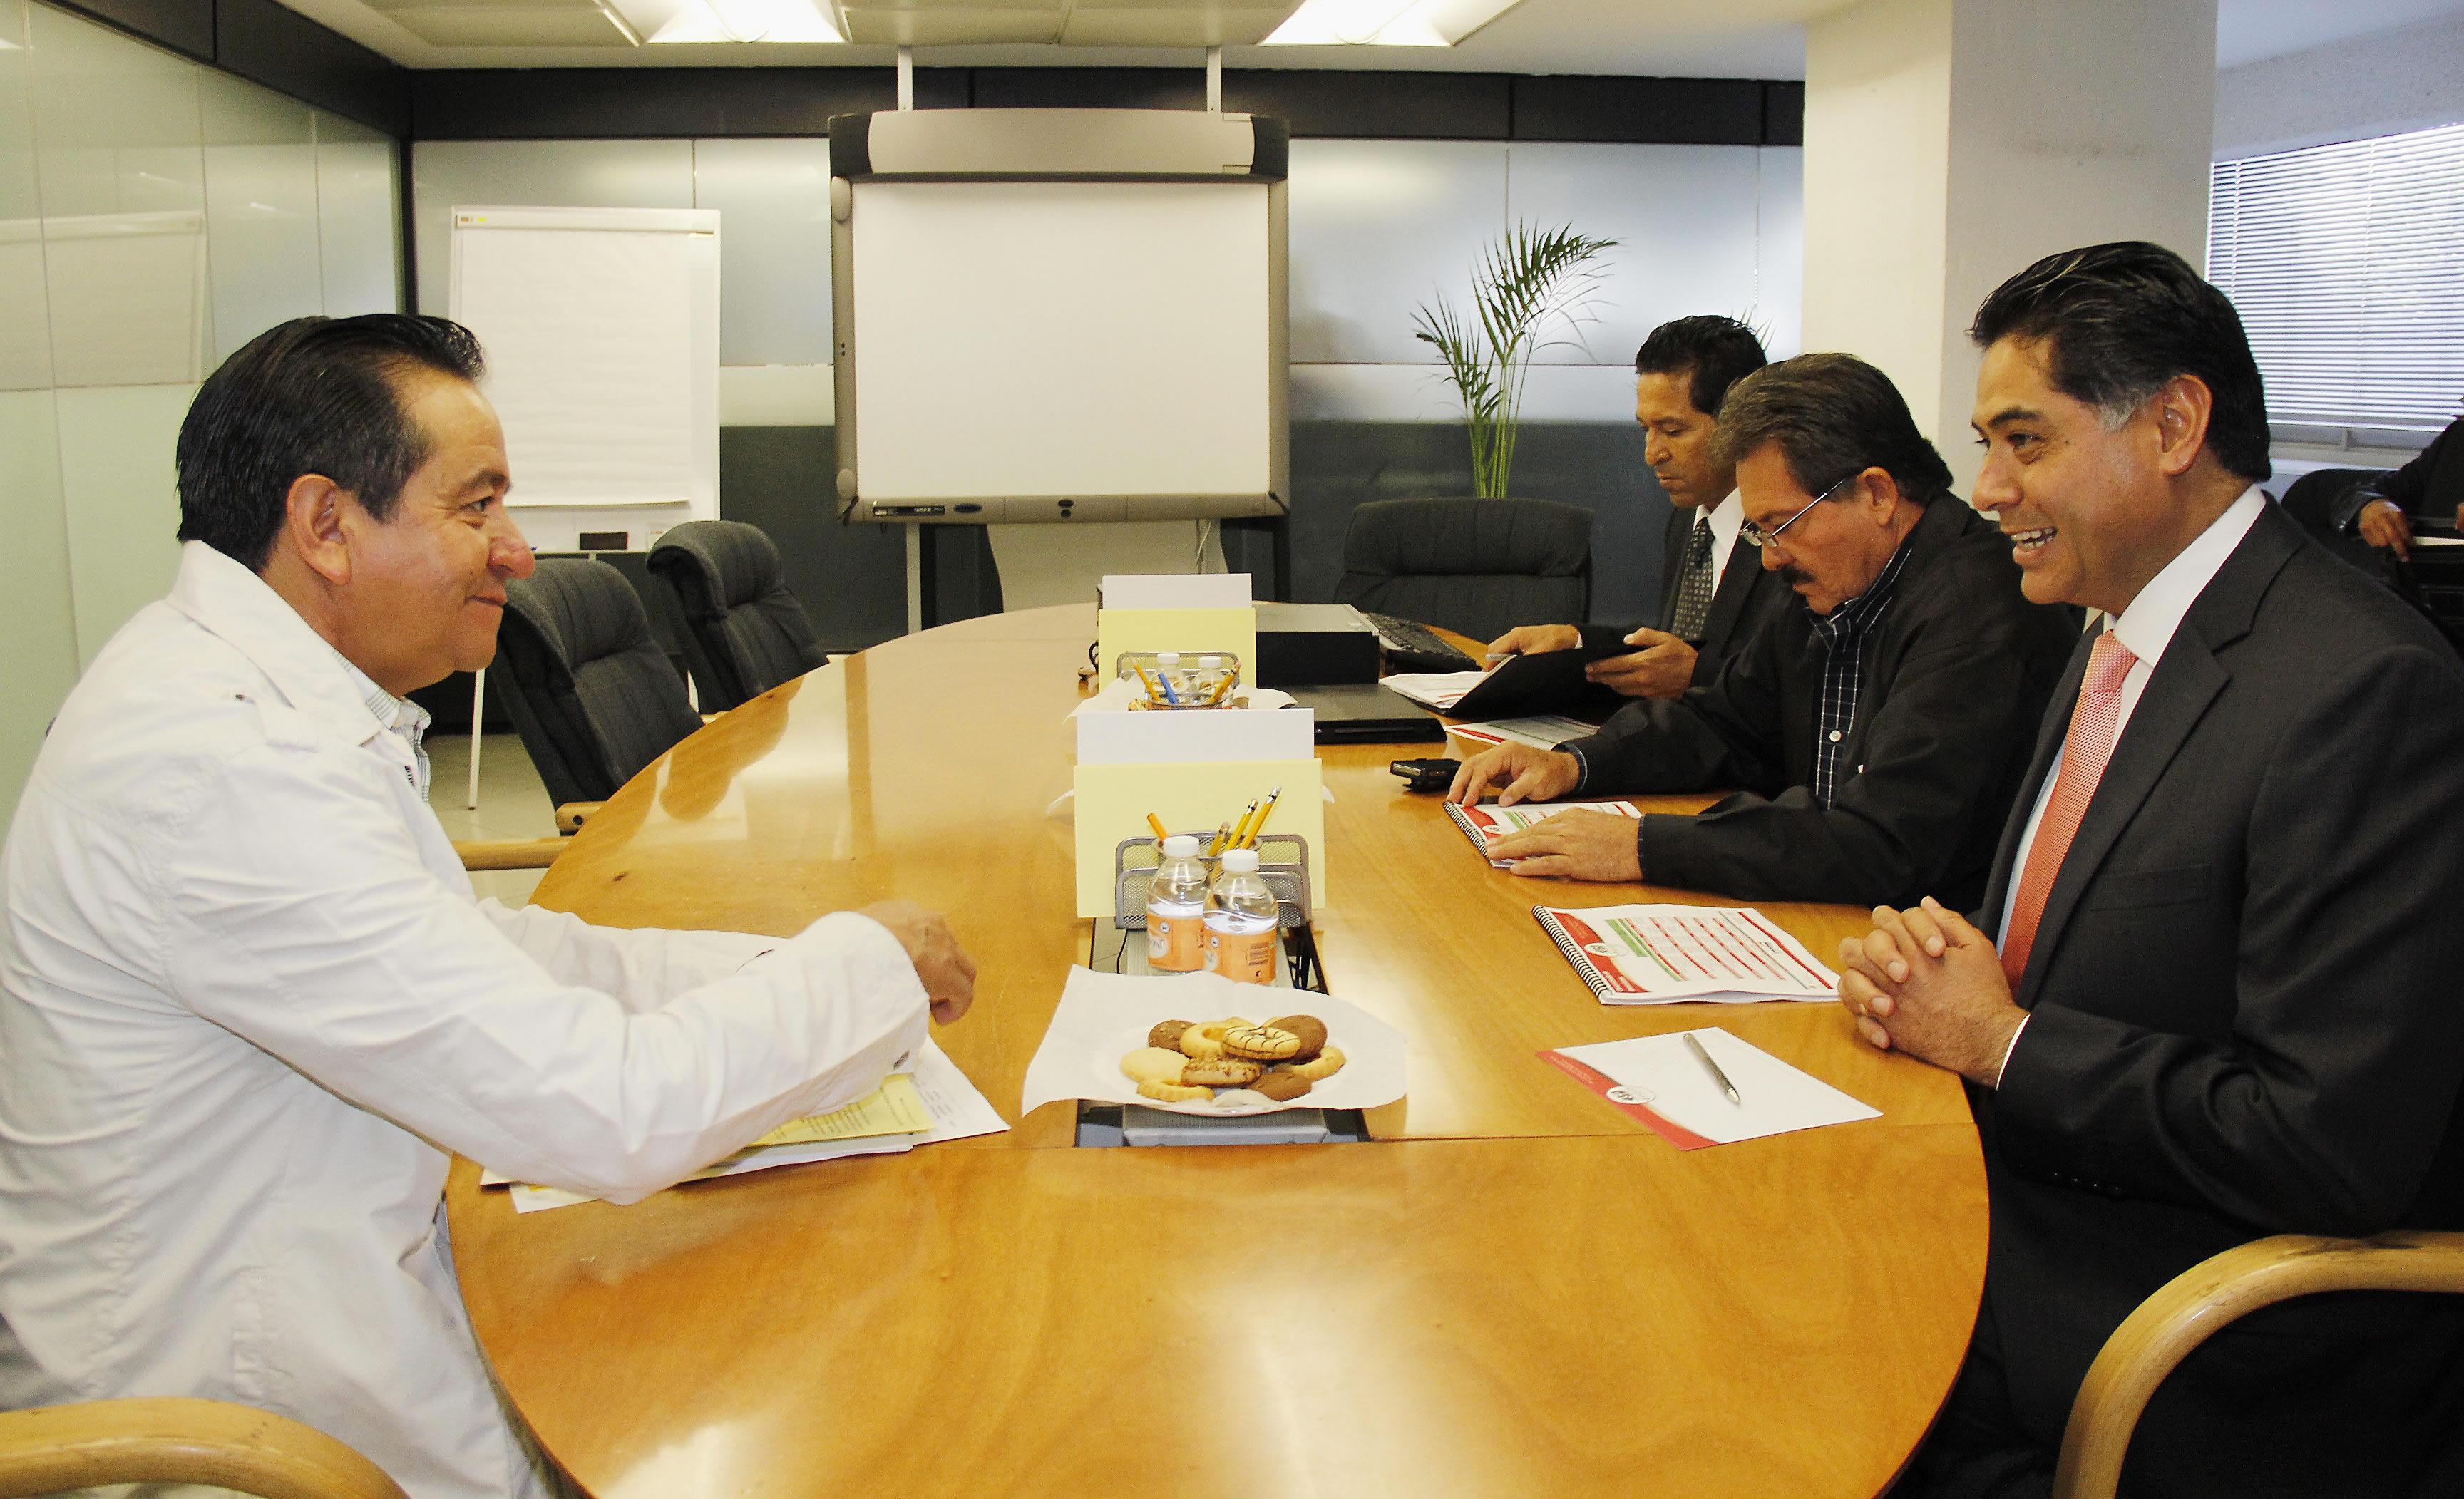 Durante una reunión de trabajo entre el subsecretario de Desarrollo Rural, Arturo Osornio Sánchez, y el gobernador de esa entidad, Jorge Herrera Caldera, se dio seguimiento a los efectos de la sequía y a la declaratoria de desastre natural por este fenóme